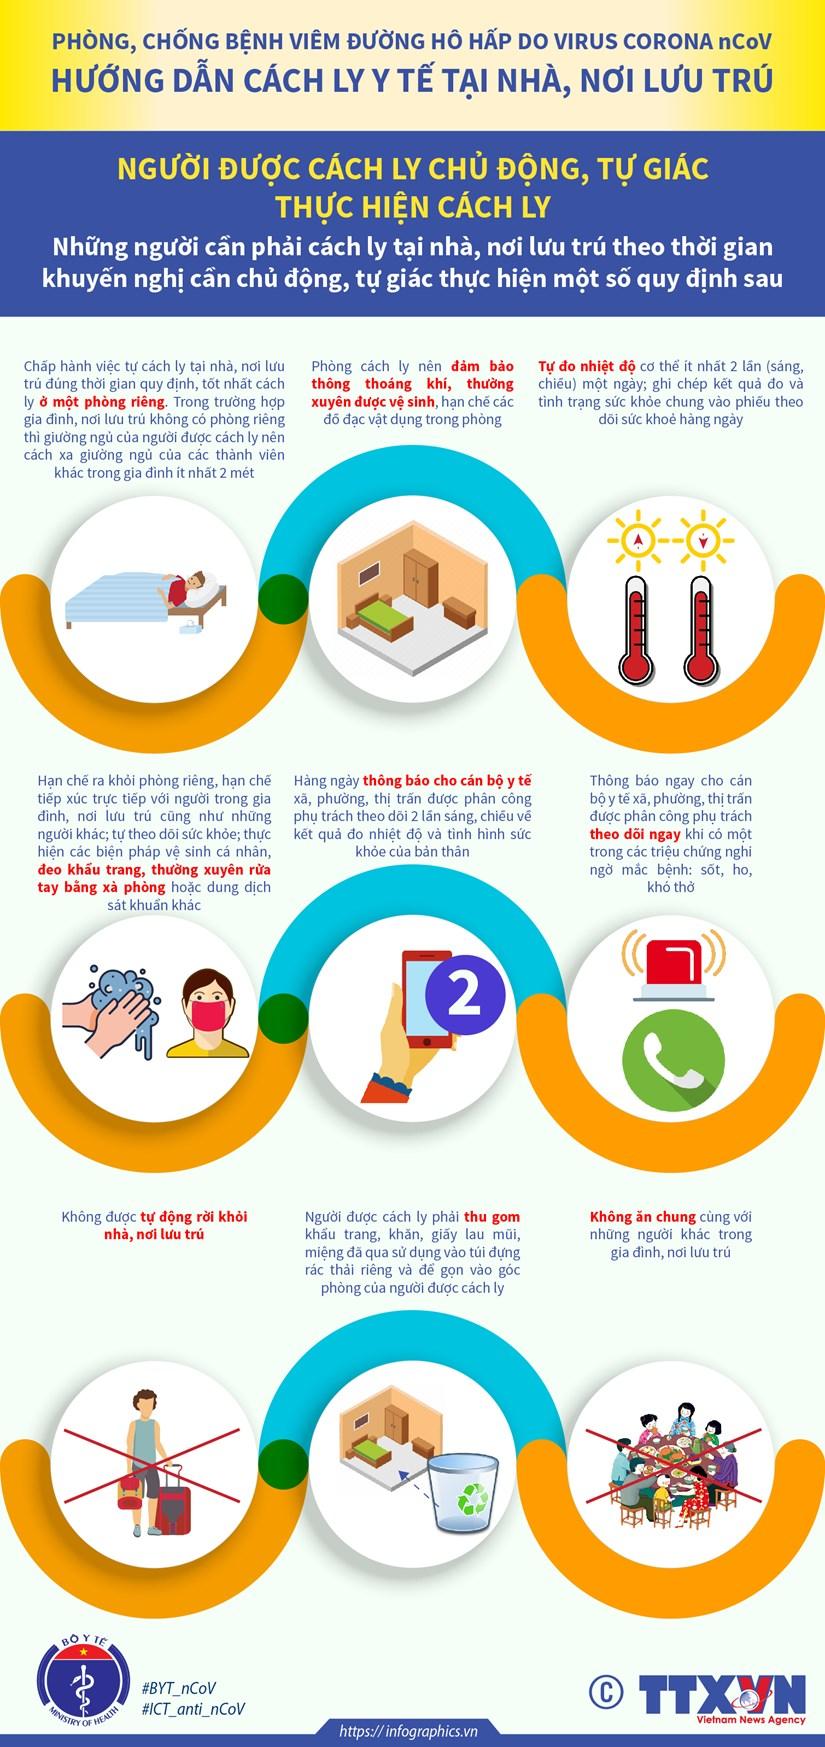 [Infographics] Huong dan bien phap cach ly phong, chong virus corona hinh anh 2